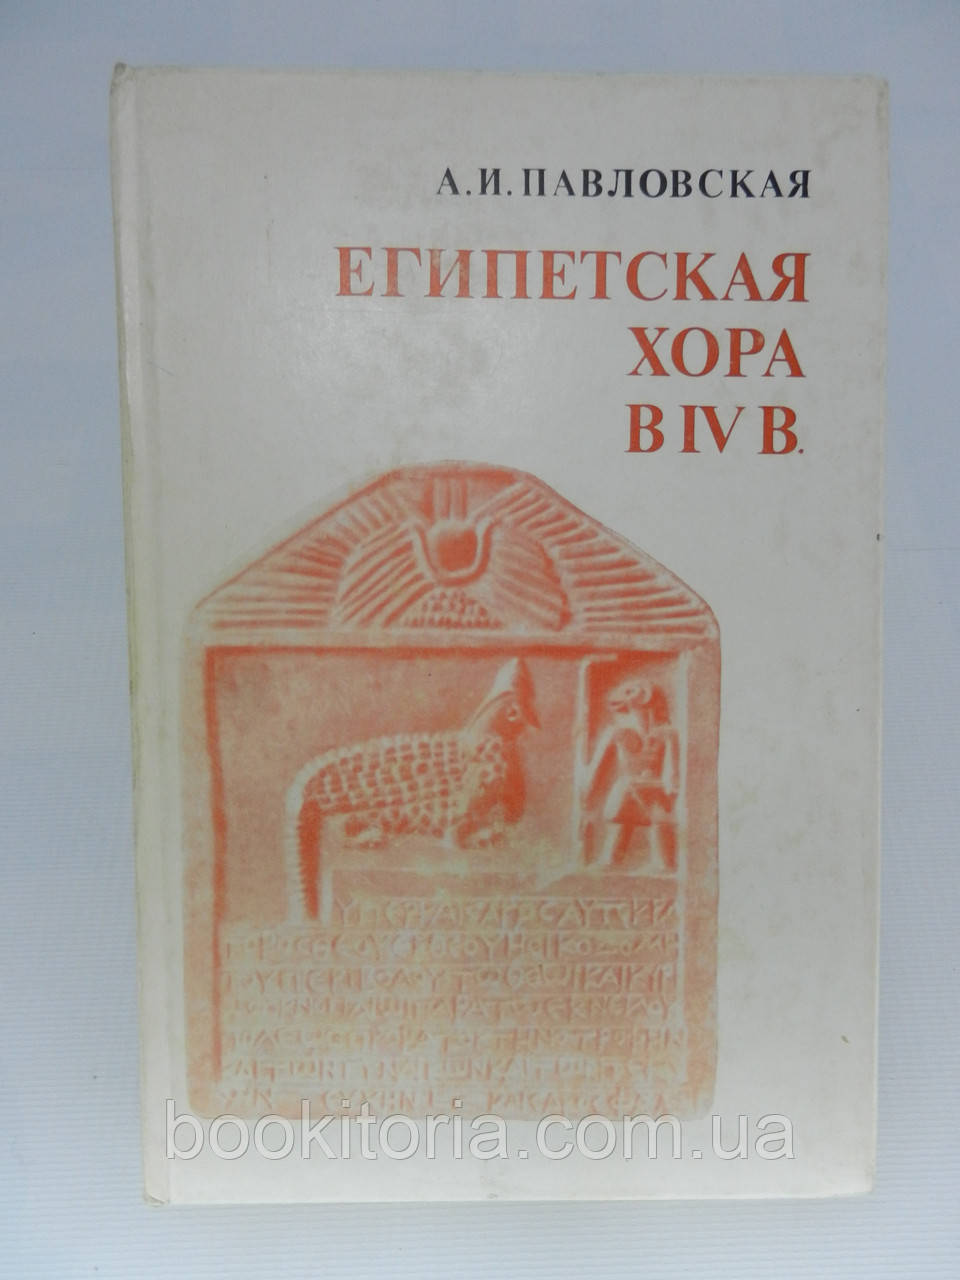 Павловская А.И. Египетская хора в IV в. (б/у).